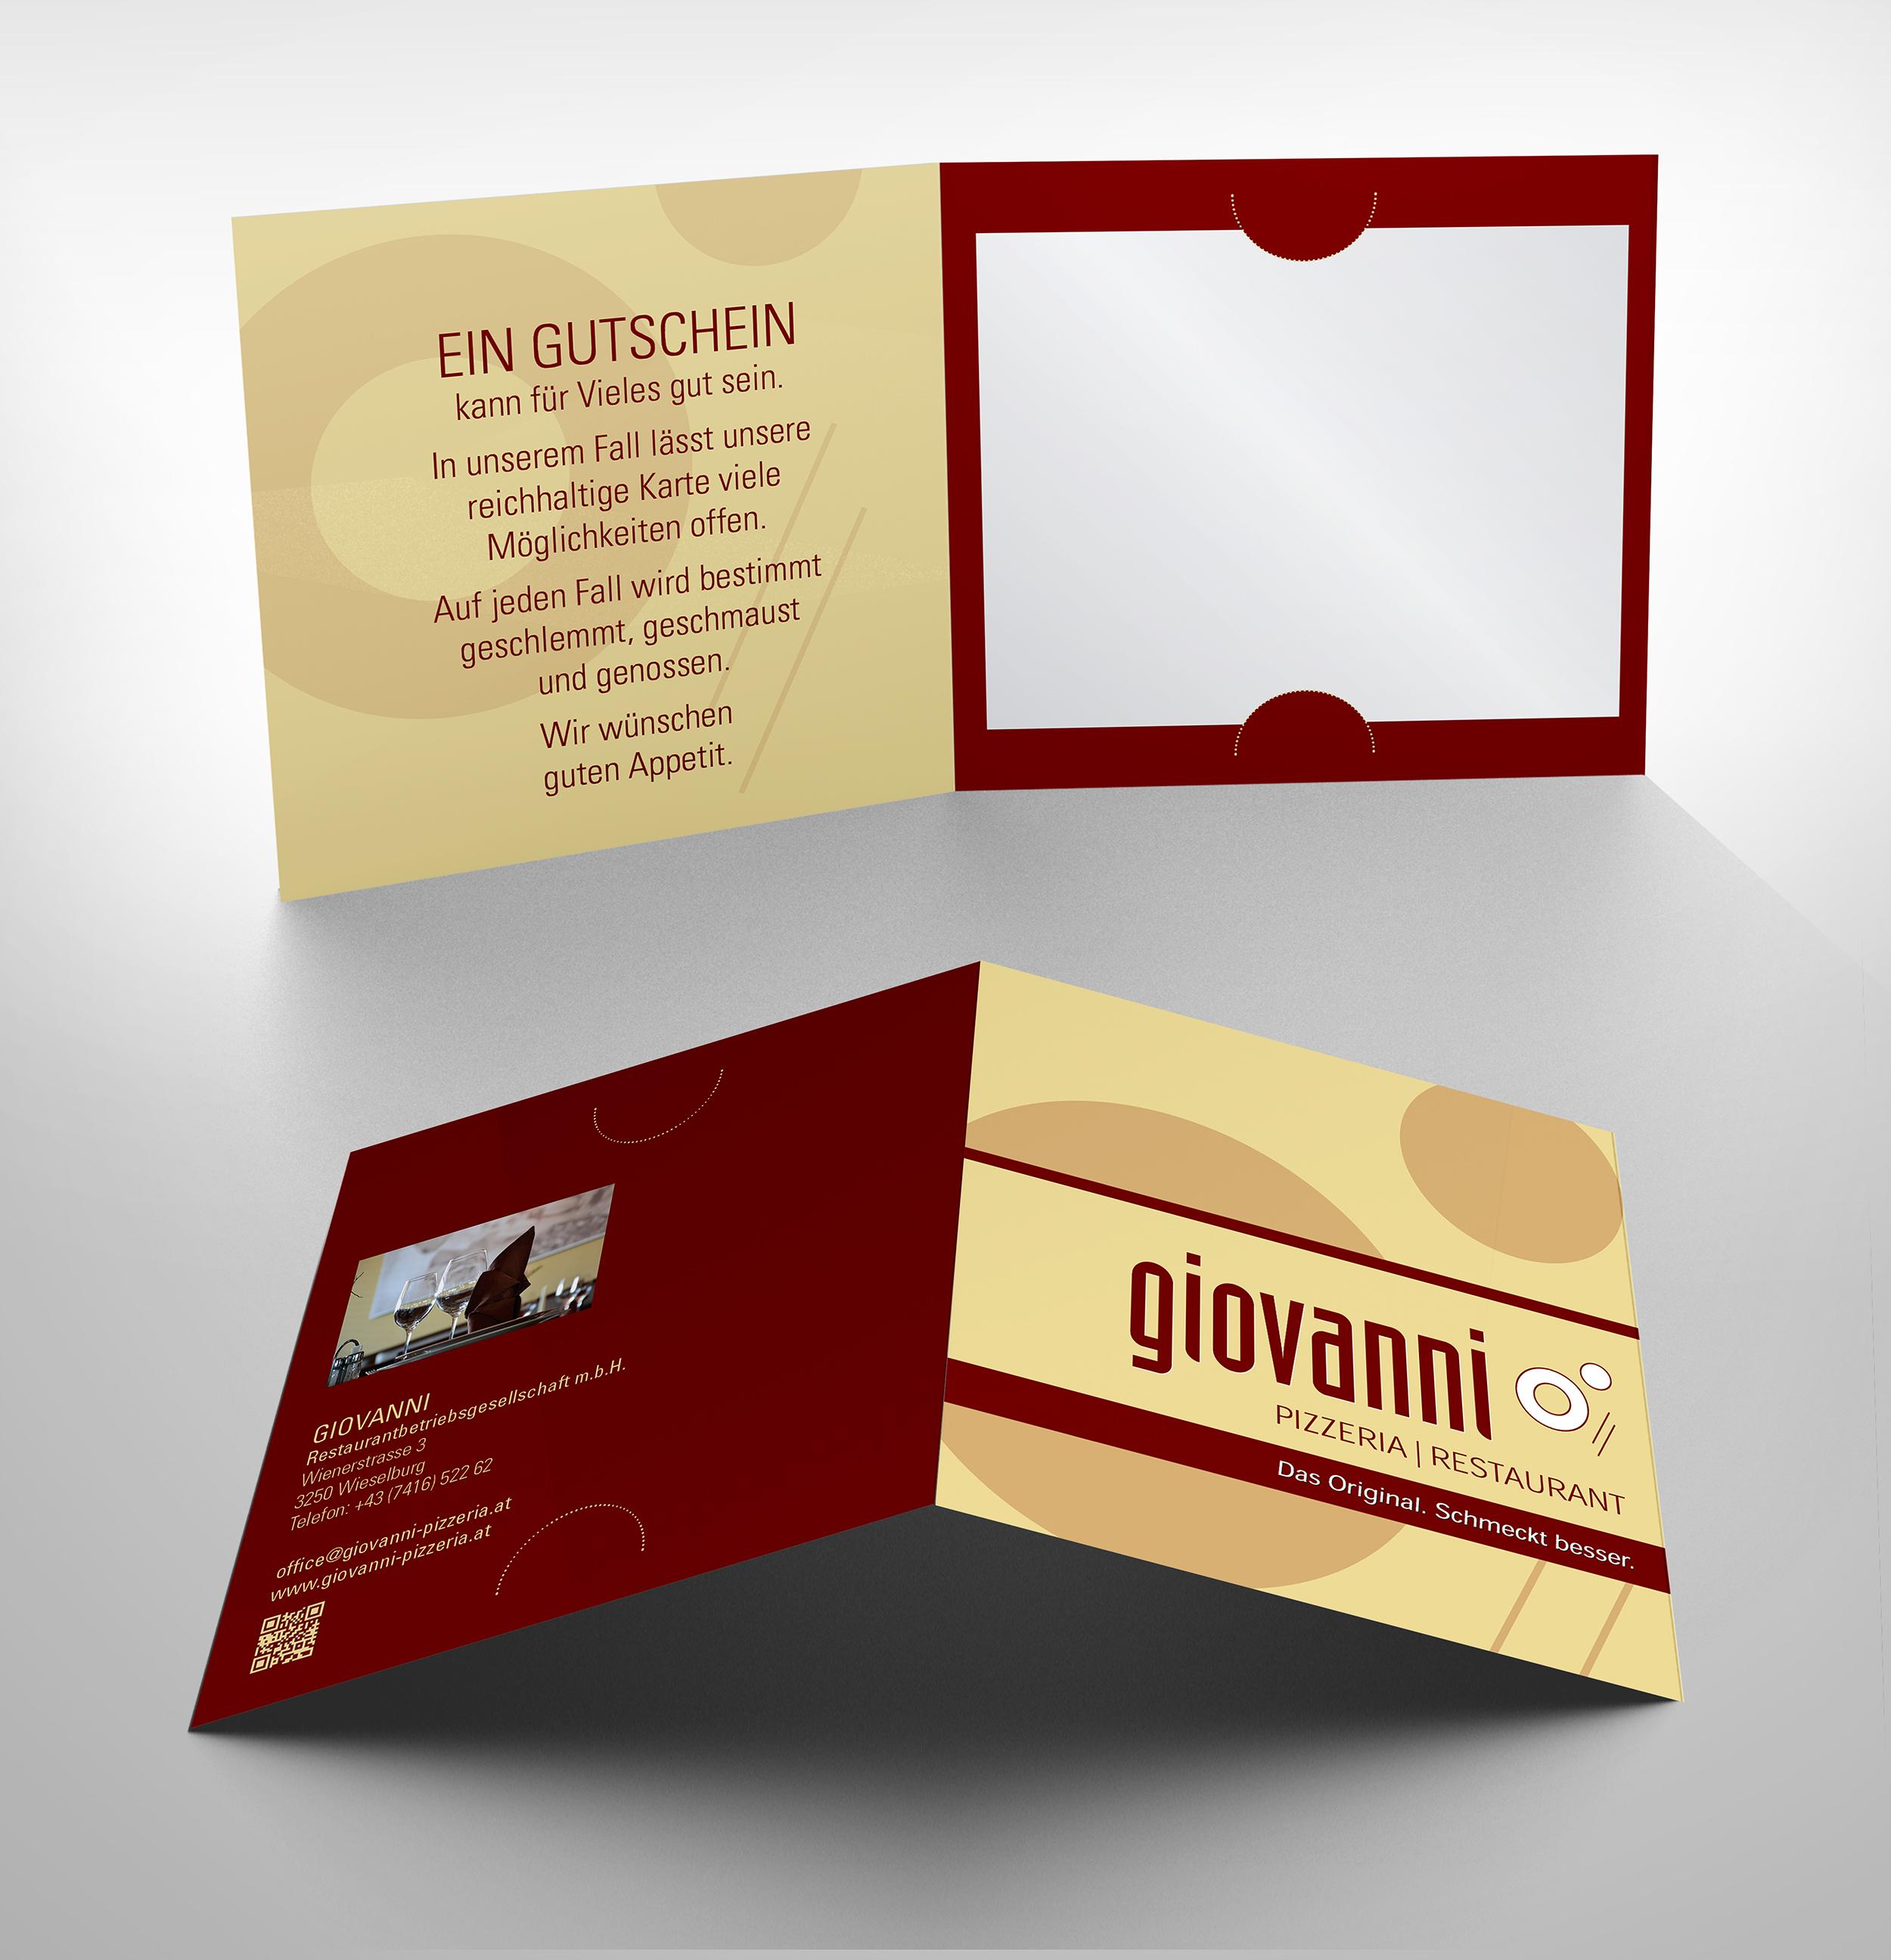 Gutschein-Design Für Giovanni Restaurant » Gutschein